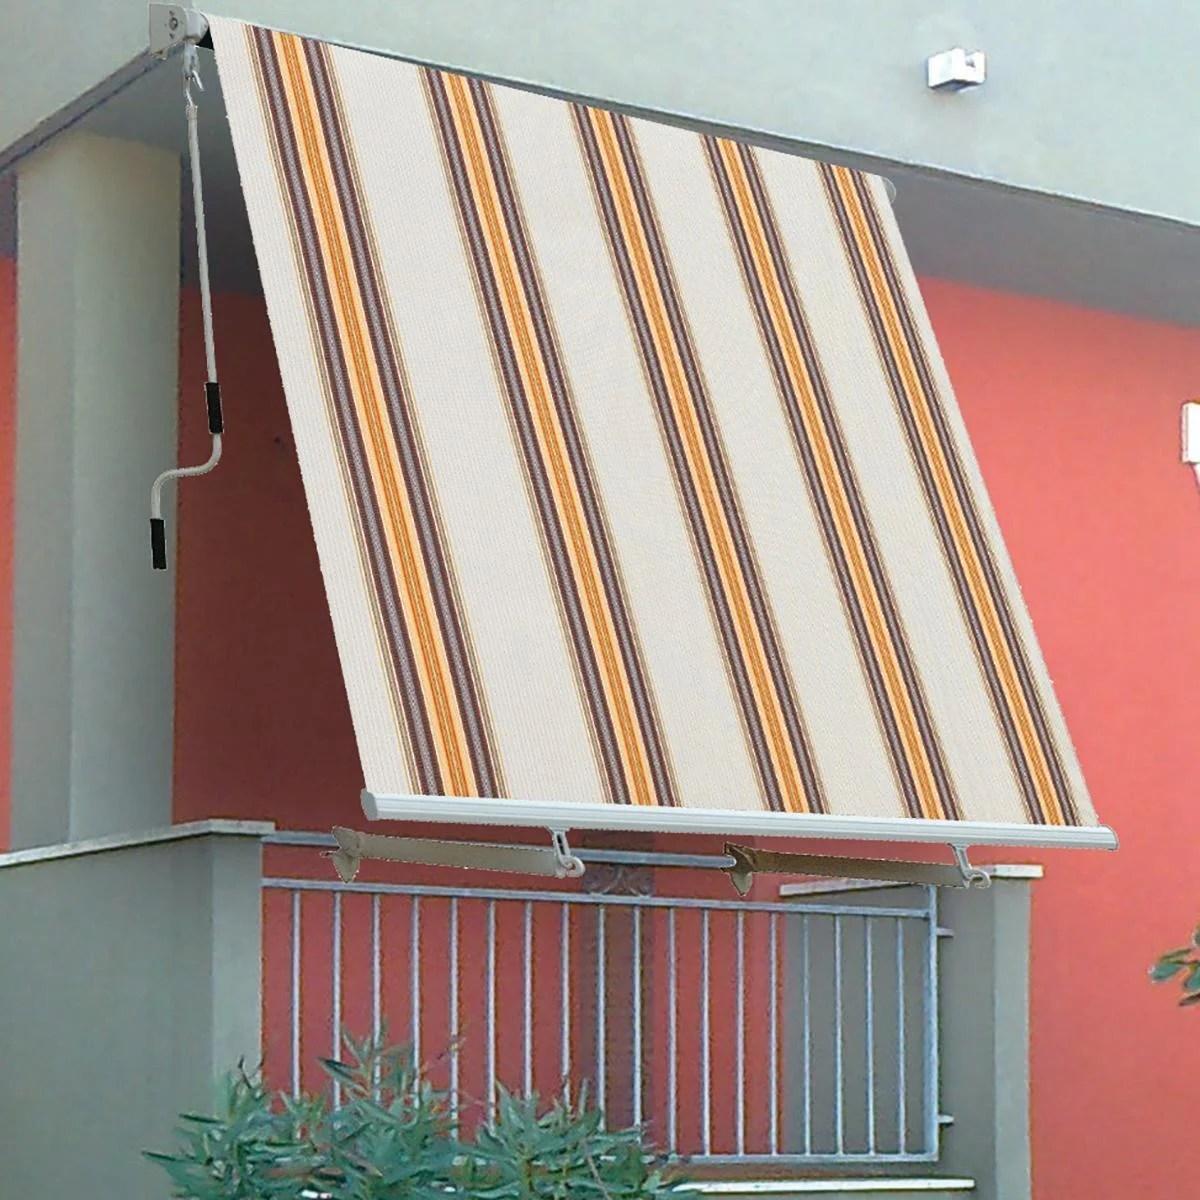 Le tende da sole a caduta valorizzano gli ambienti esterni della tua casa e sono adatte per proteggere la tua abitazione dal sole e migliorarne l'estetica. Tenda Da Sole A Caduta Con Bracci L 2 45 X H 2 45 M Beige Leroy Merlin